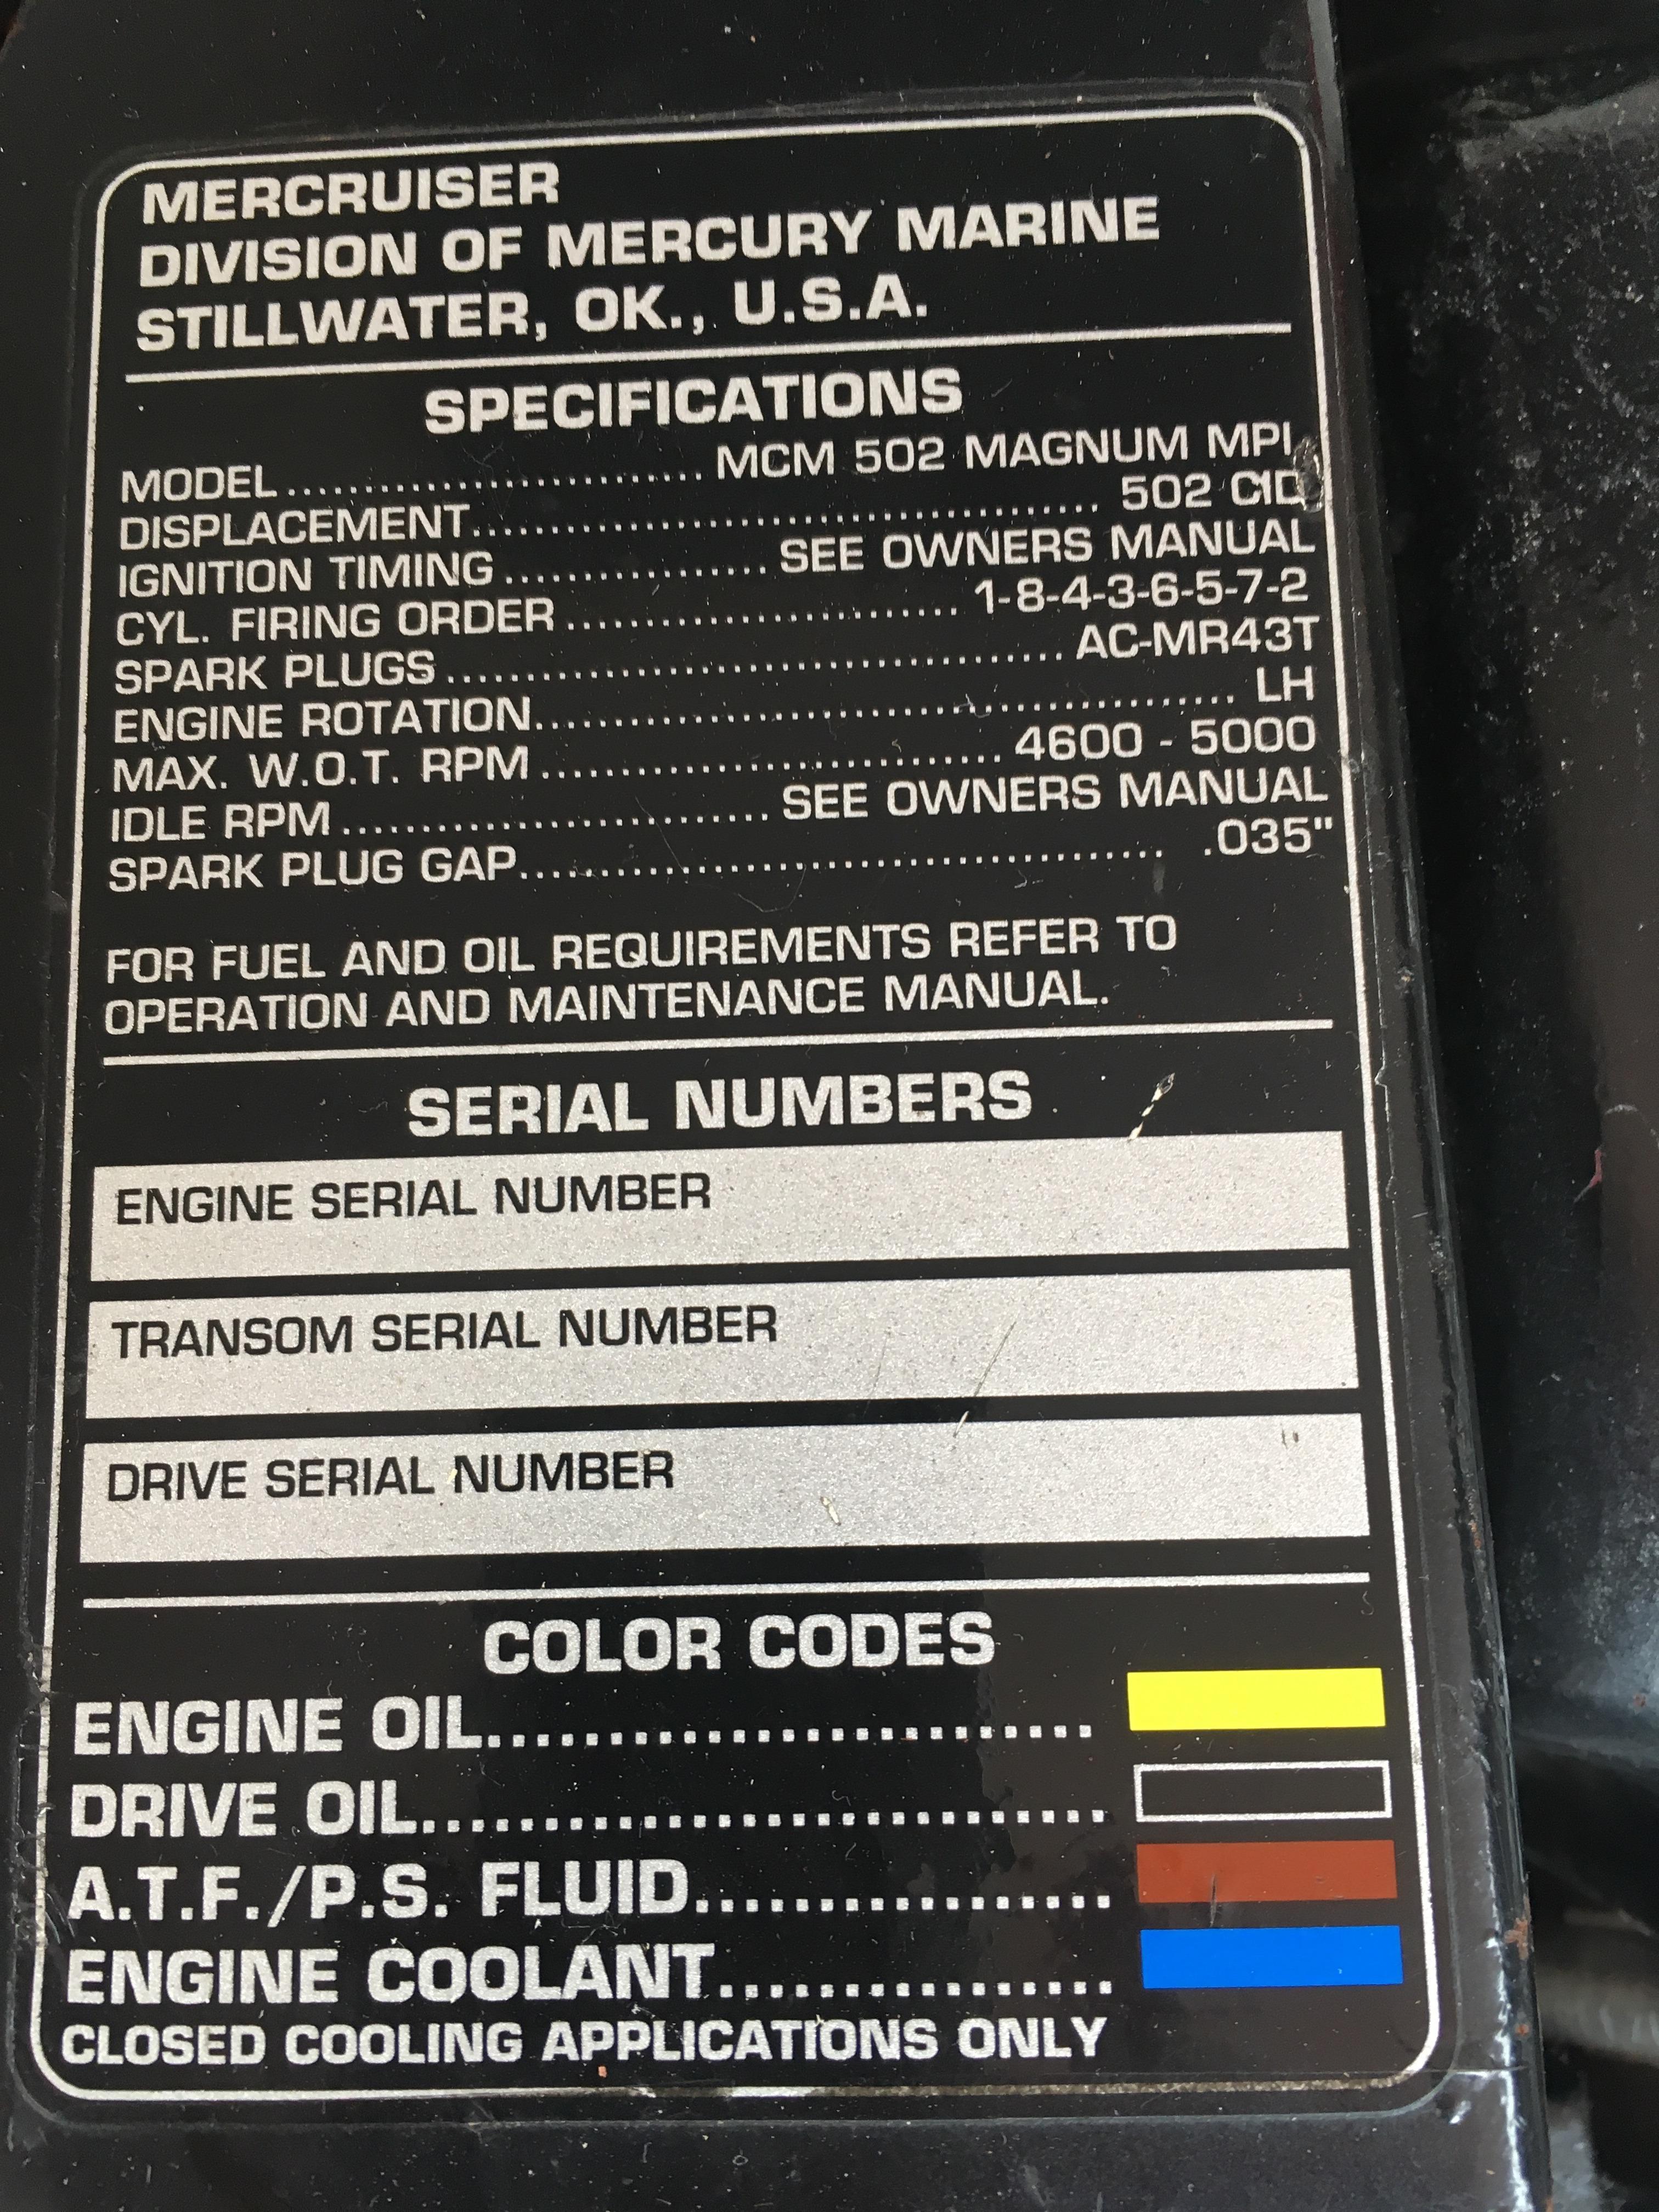 Mercury Pvm7 Manual Yale Glc030 Wiring Diagram Heating Xbox 360 Motherboard Array 502 Mag Ebook Rh Zettadata Solutions